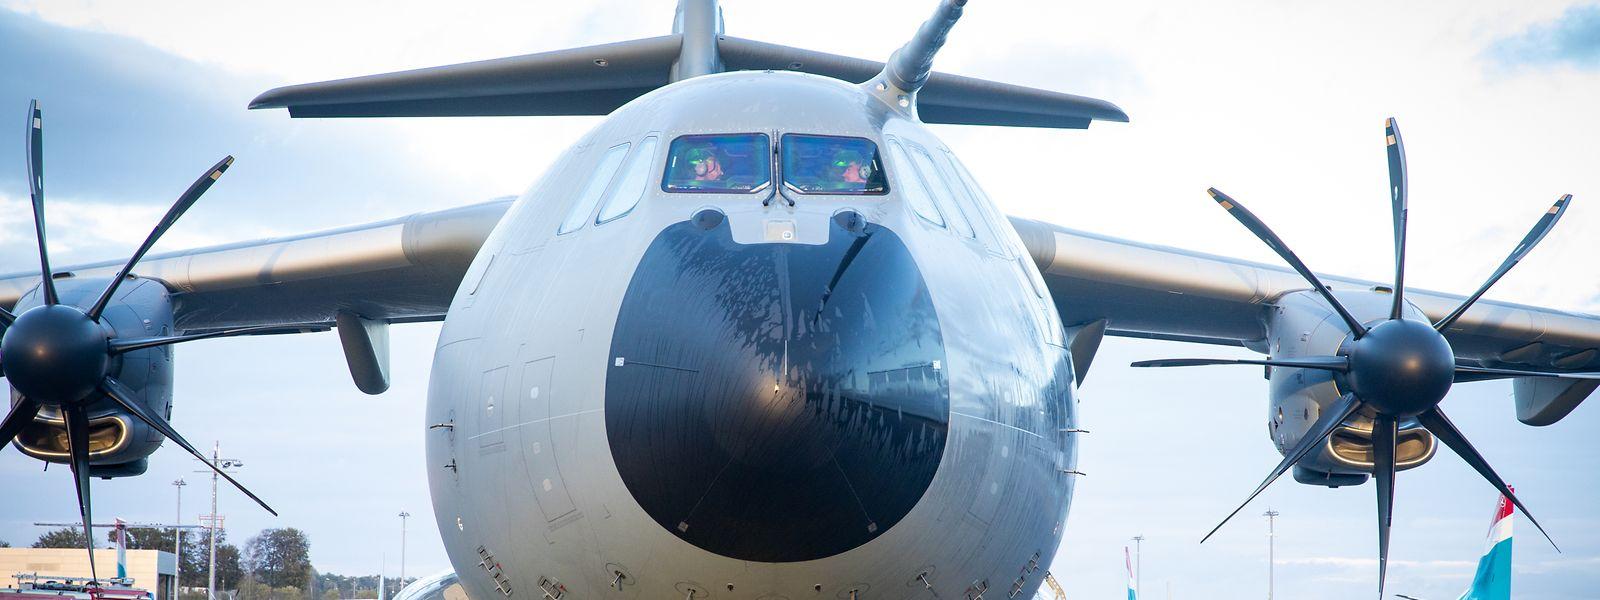 L'appareil avait effectué son premier vol le 14 avril au départ de l'usine de l'avionneur européen à Séville.